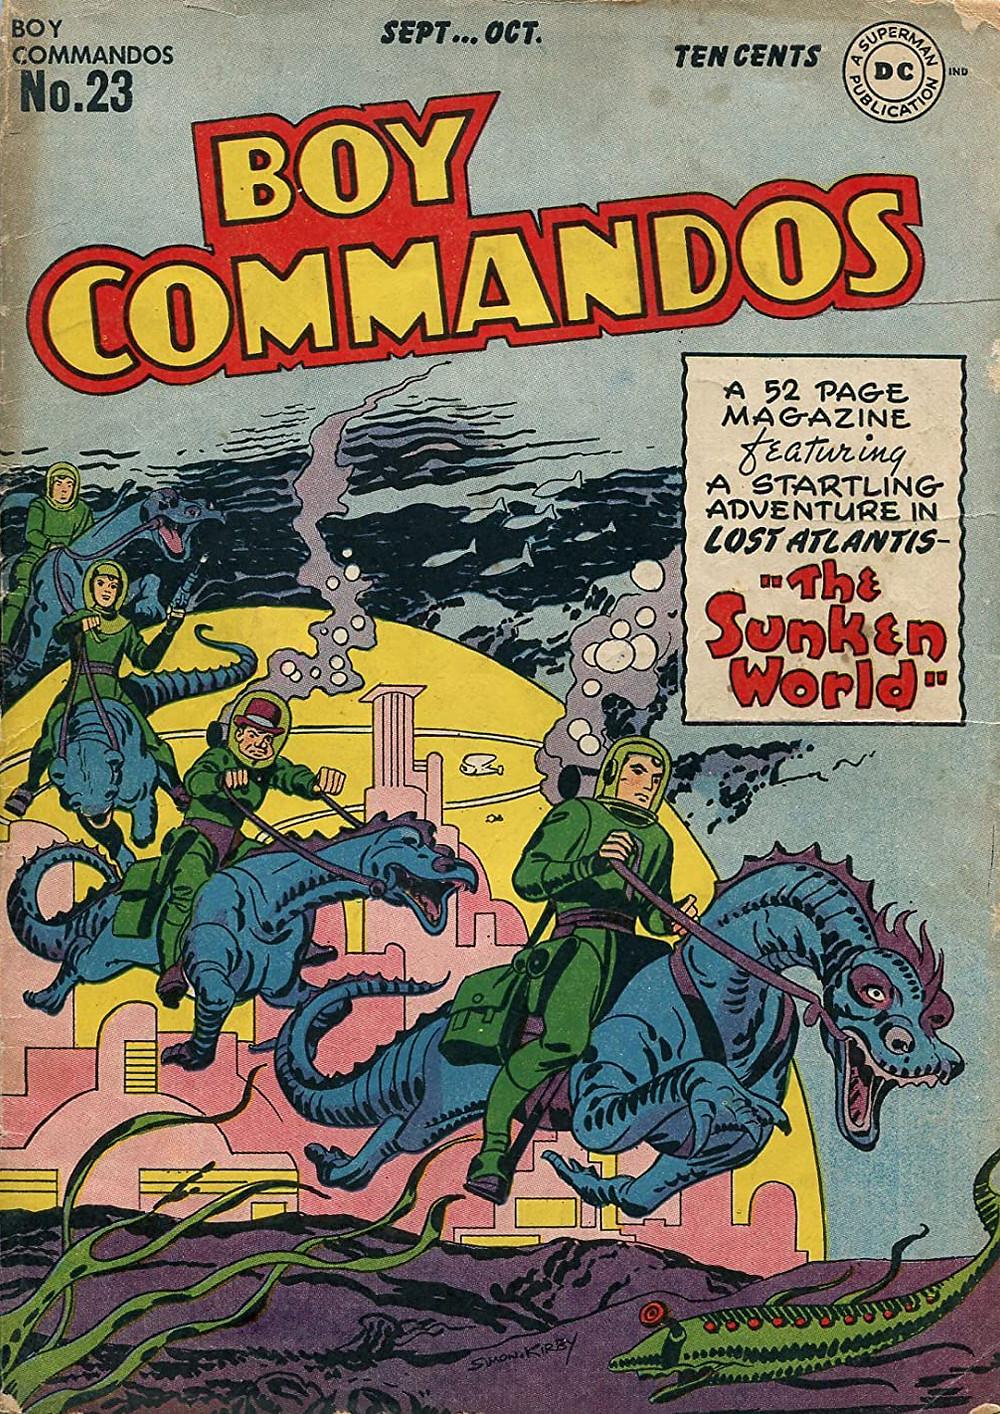 """Комикс """"Boy Commandos"""", №23, 1947 г.  DC Comics."""